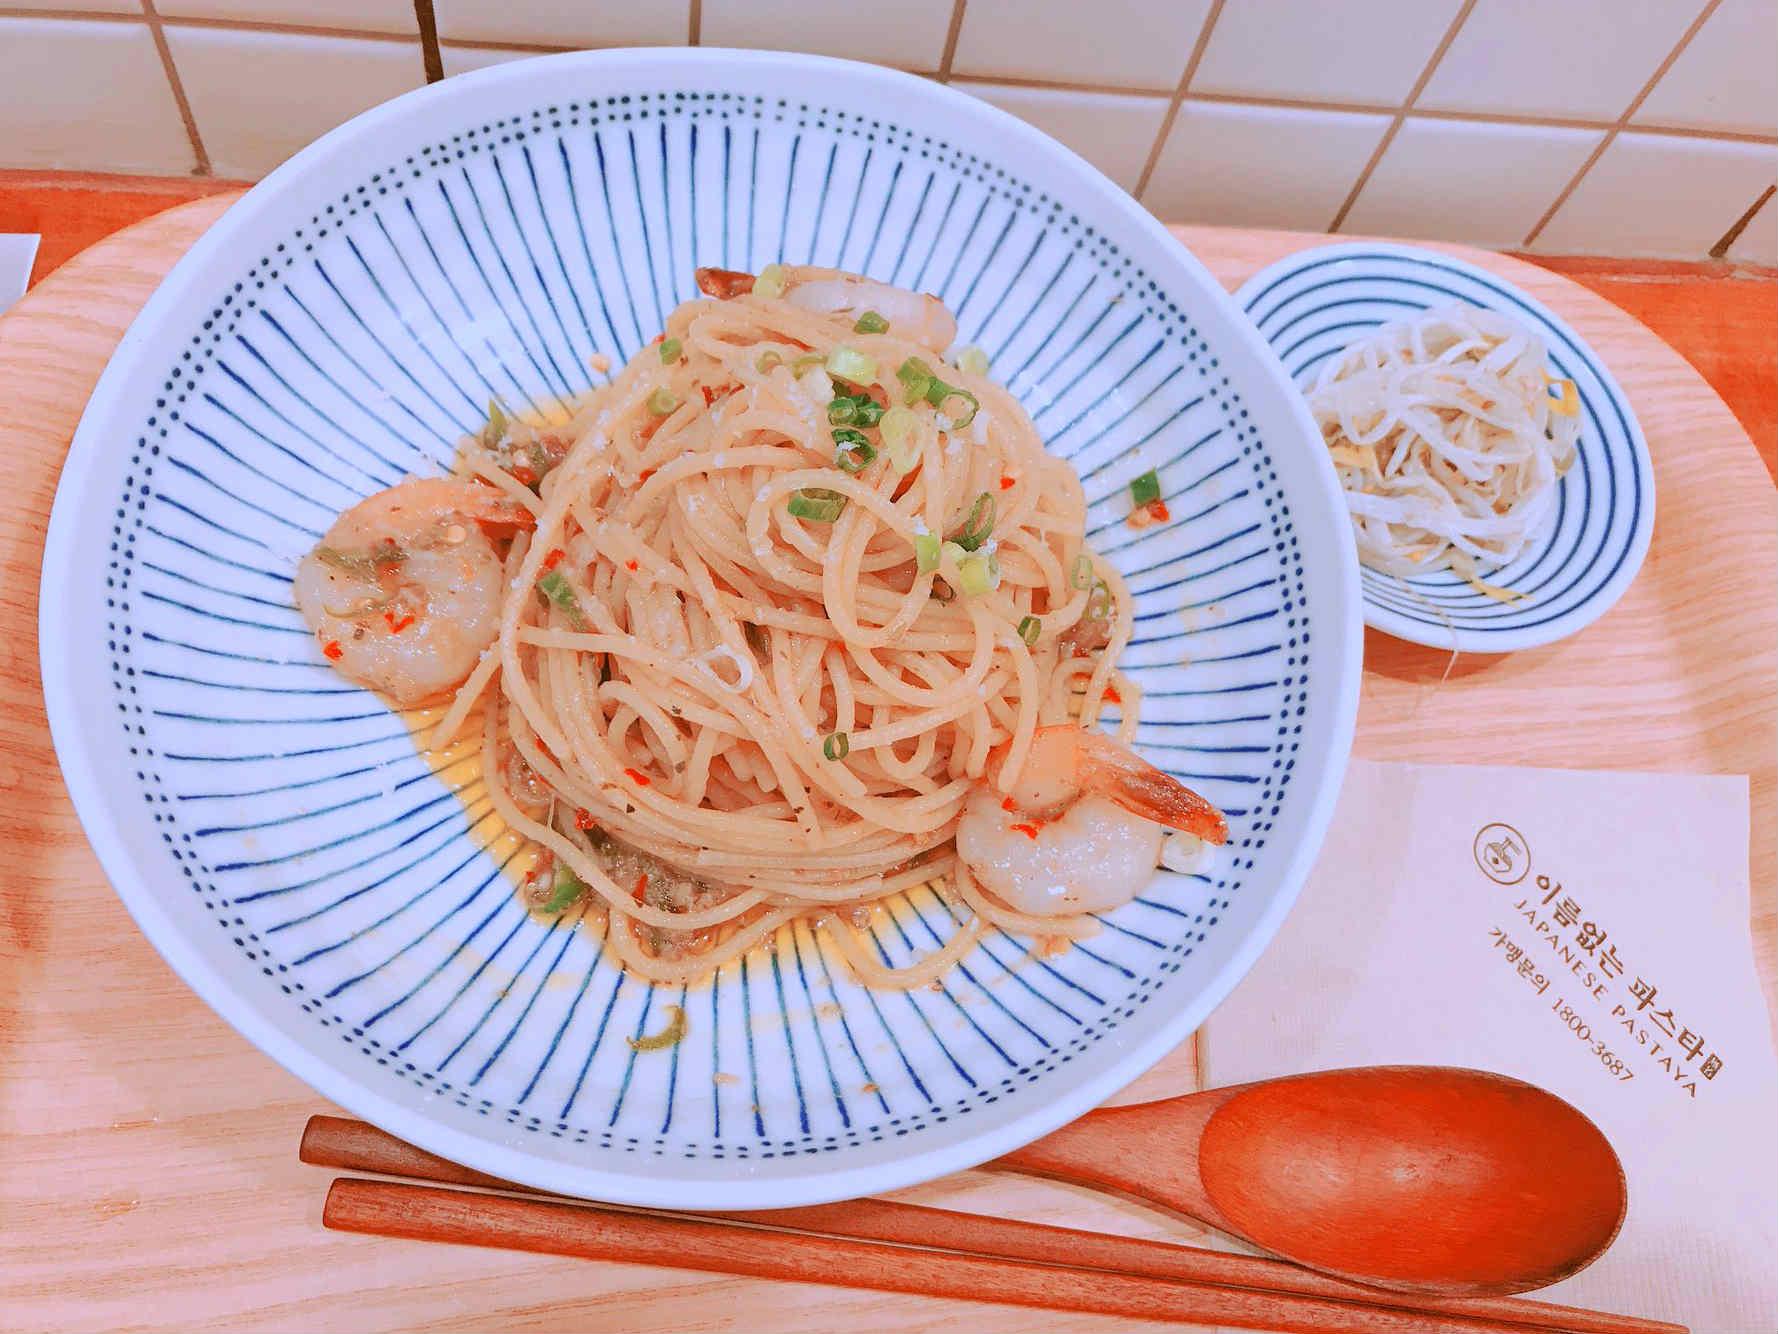 麵的種類分為日式與西式兩種系列。當中最有人氣的,就屬這款大蒜清炒義大利麵了。